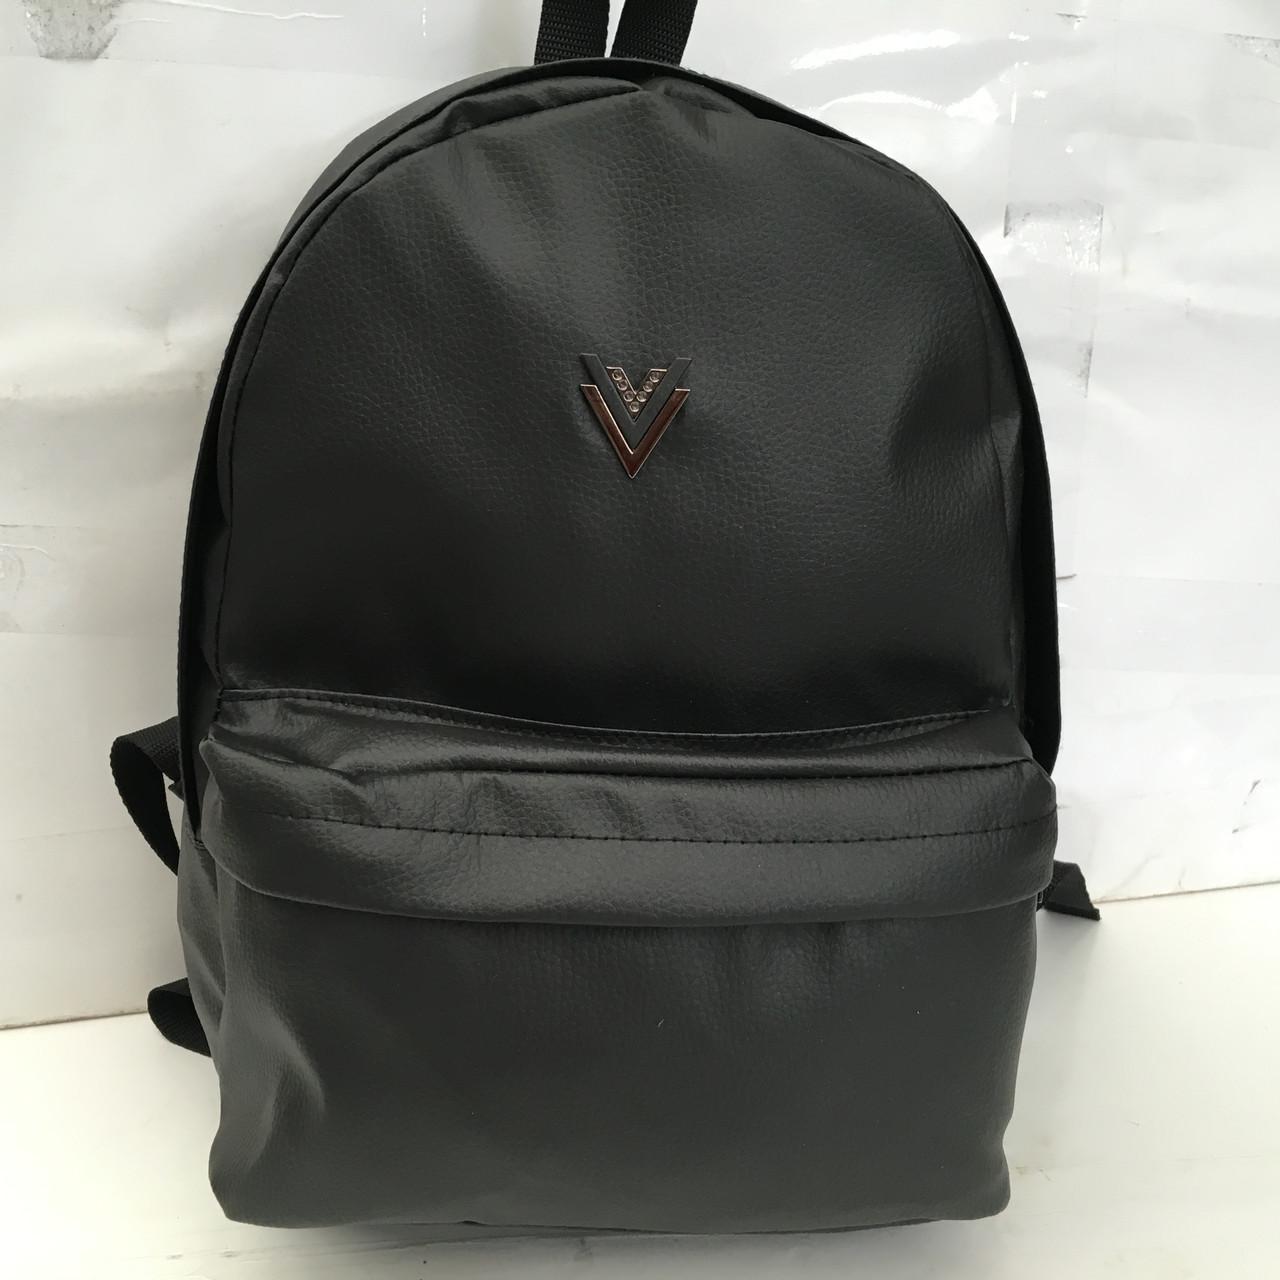 2510b51bfc88 Черный рюкзак, для девочки и для мальчика / городской рюкзак, модный, эко  кожа